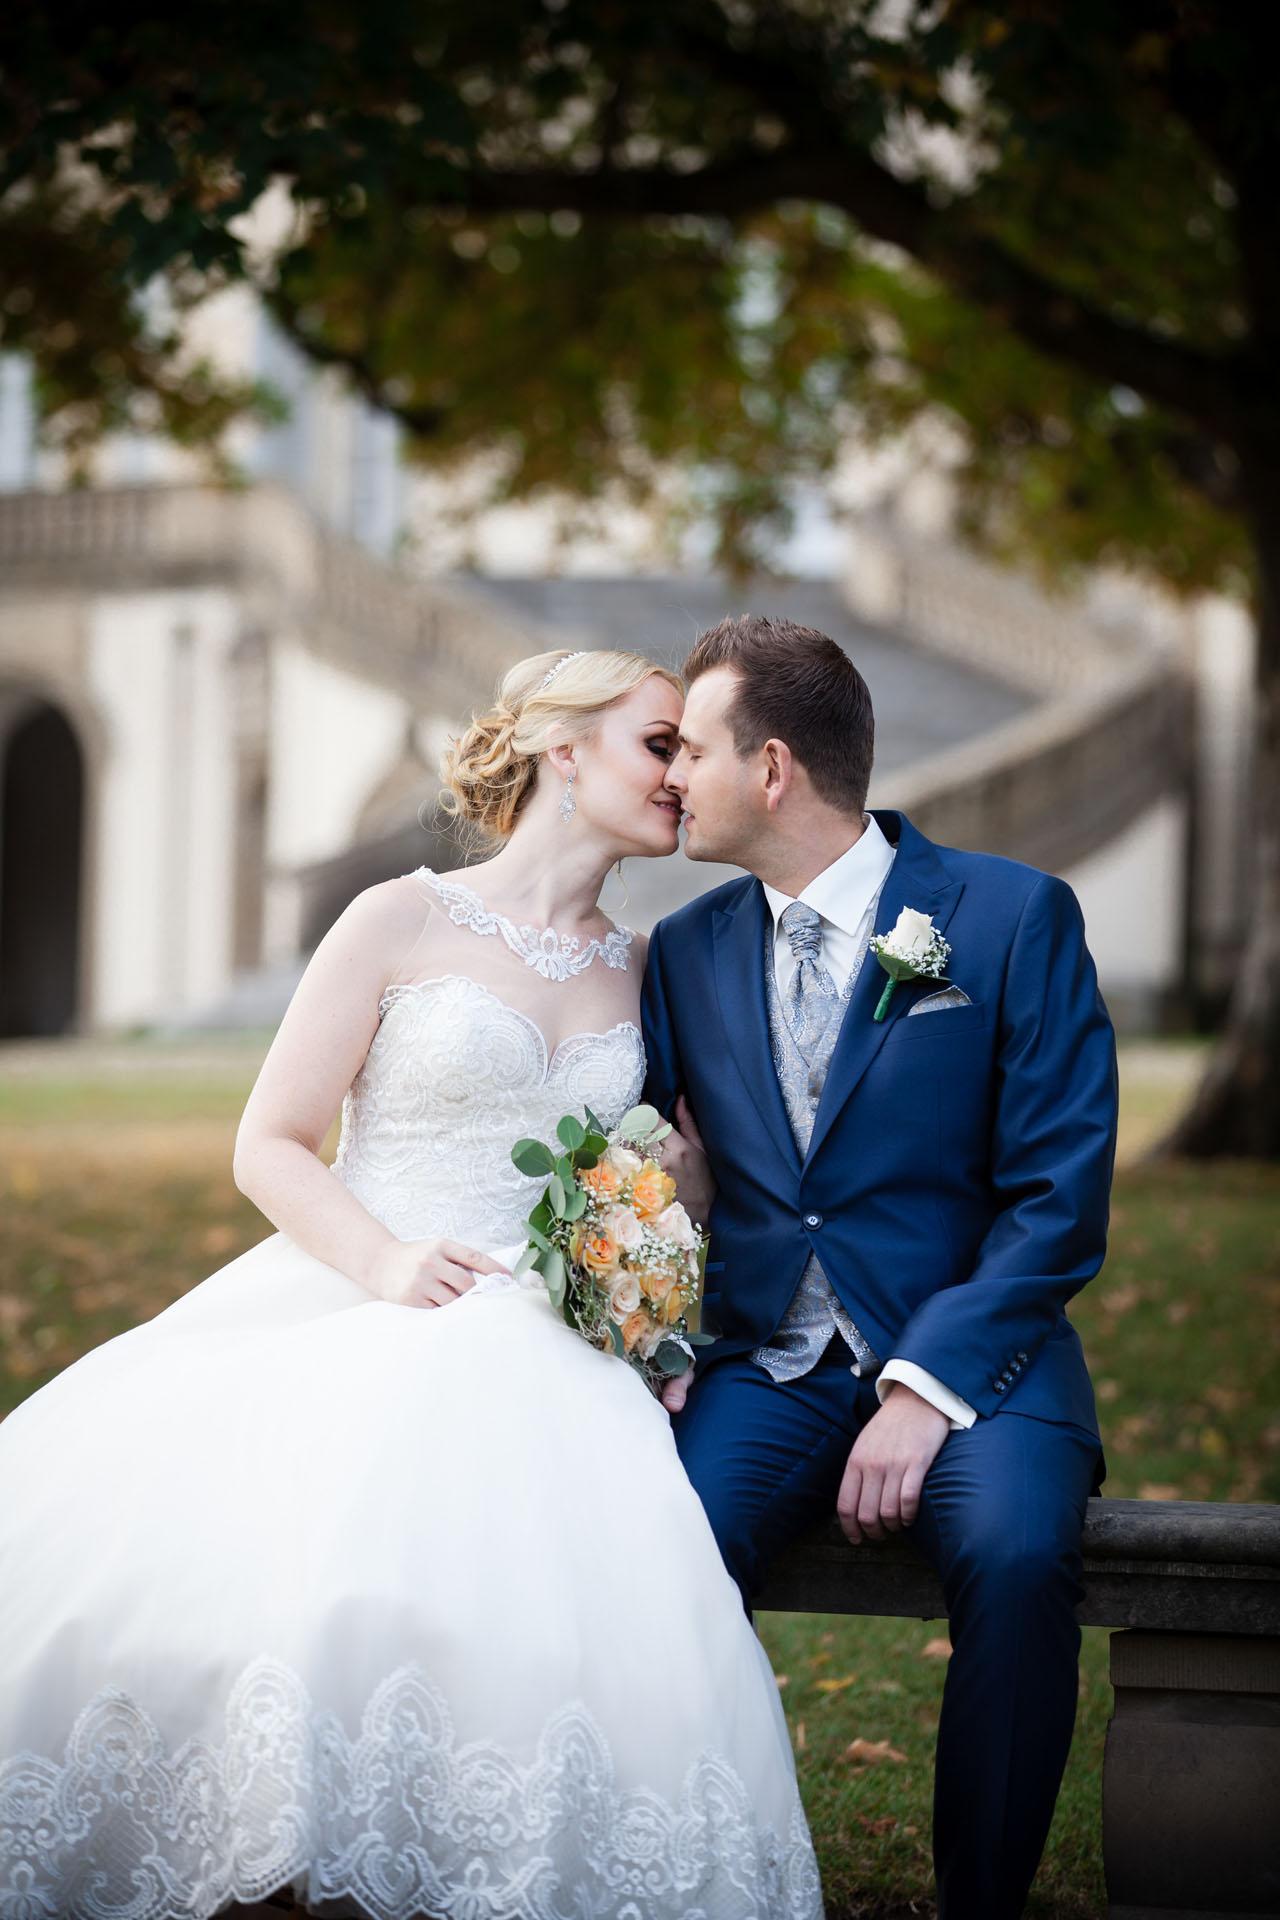 Braut und Bräutigam küssen sich vor dem Schloss Solitude in Stuttgart